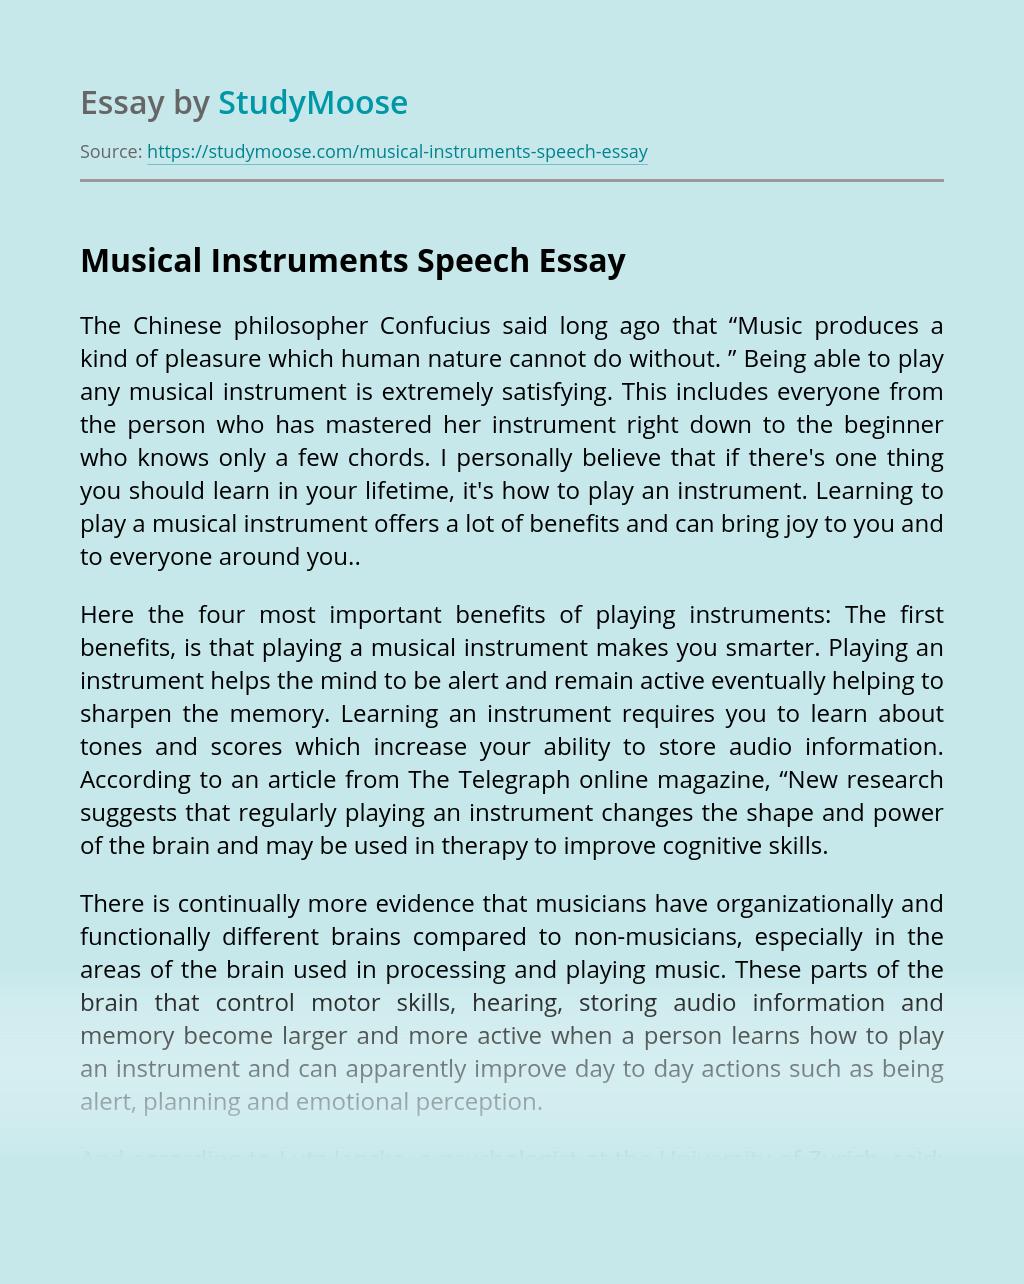 Musical Instruments Speech